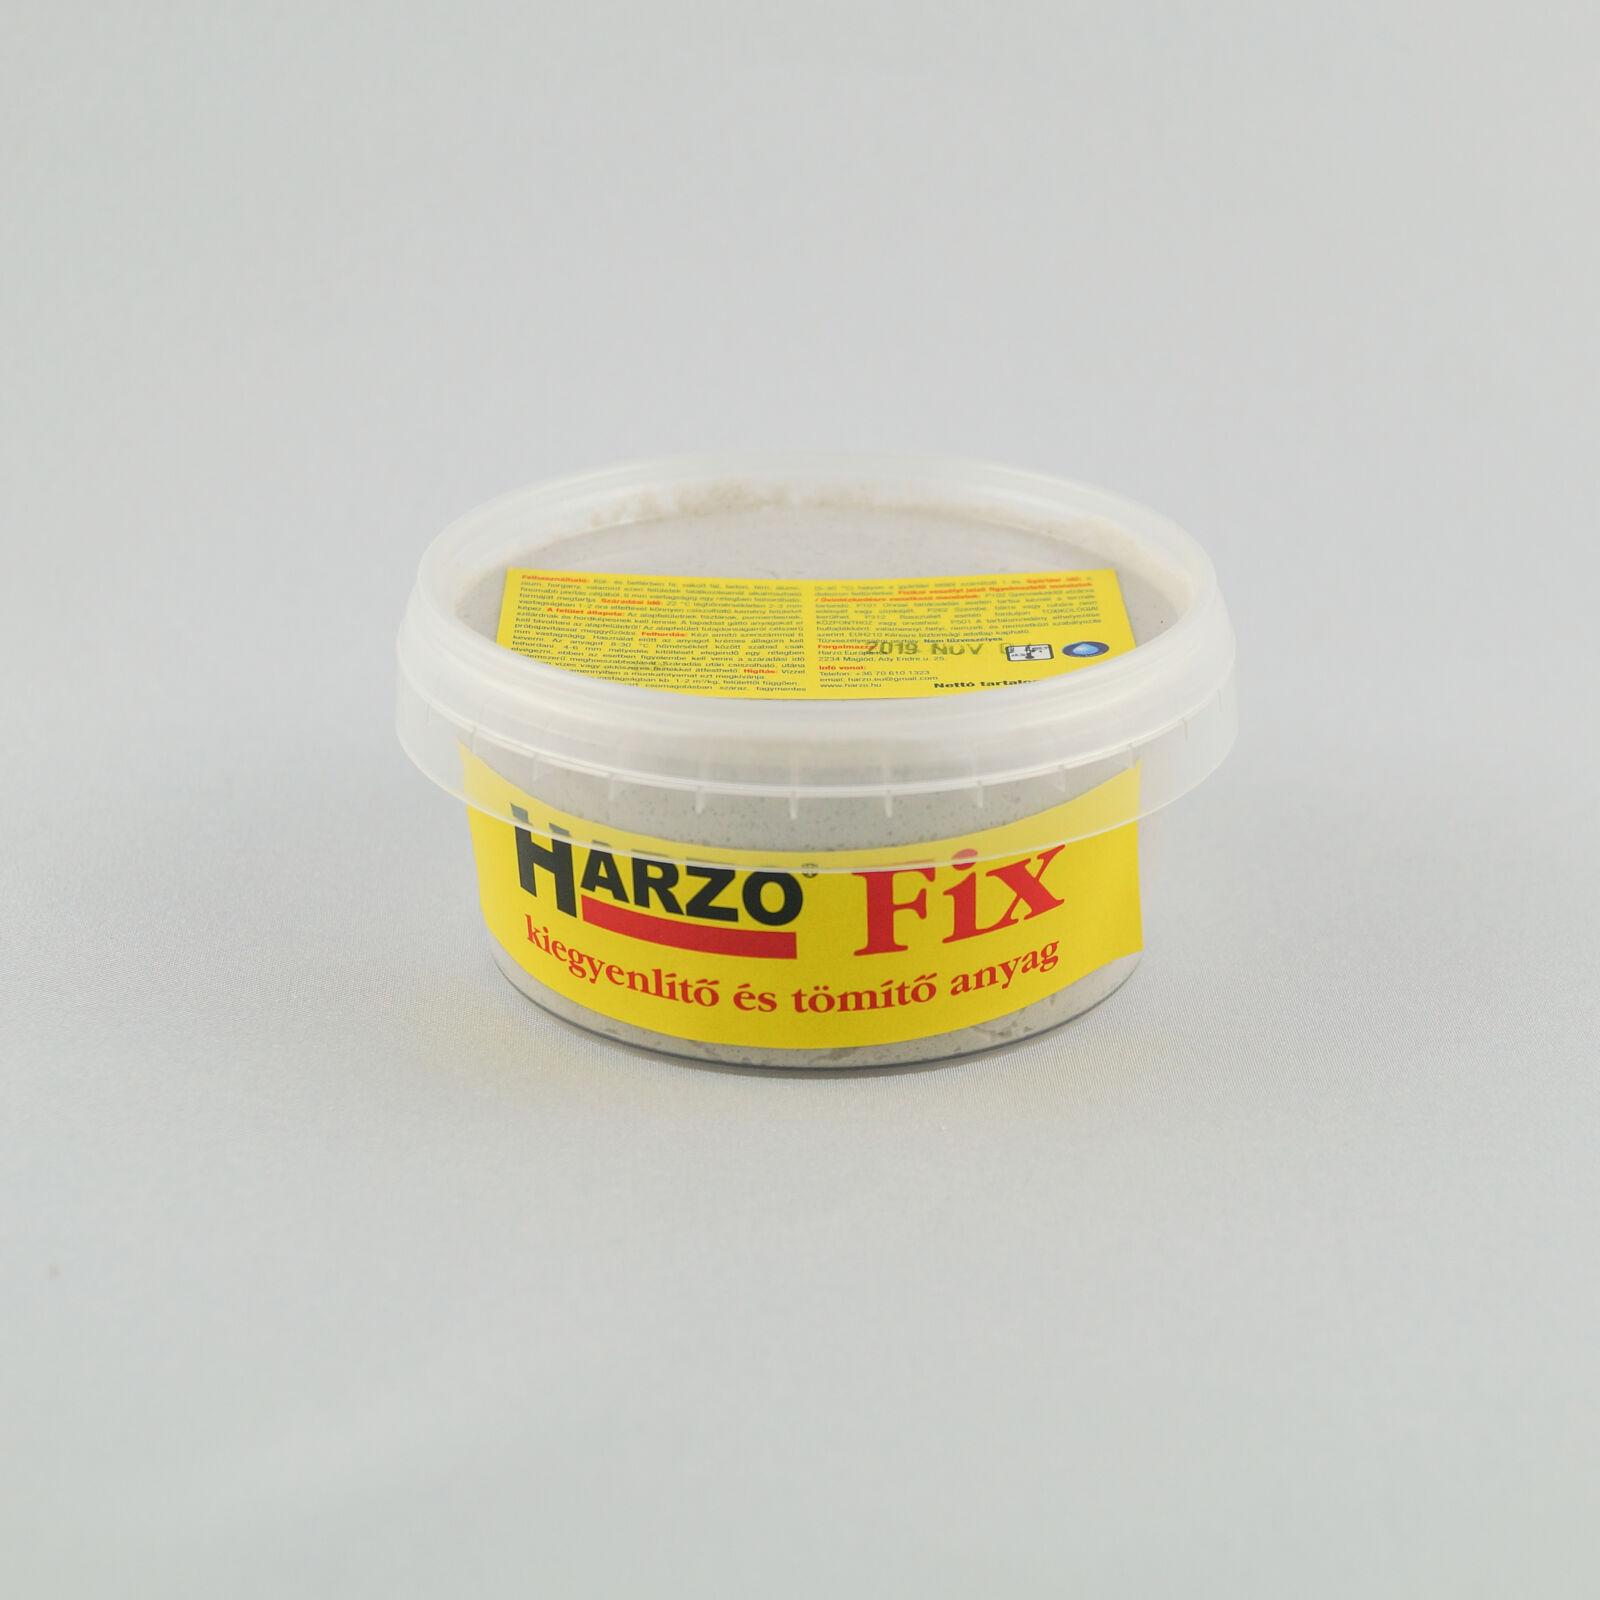 HARZO-Fix kiegyenlítő és tömítőanyag [0.25 kg]